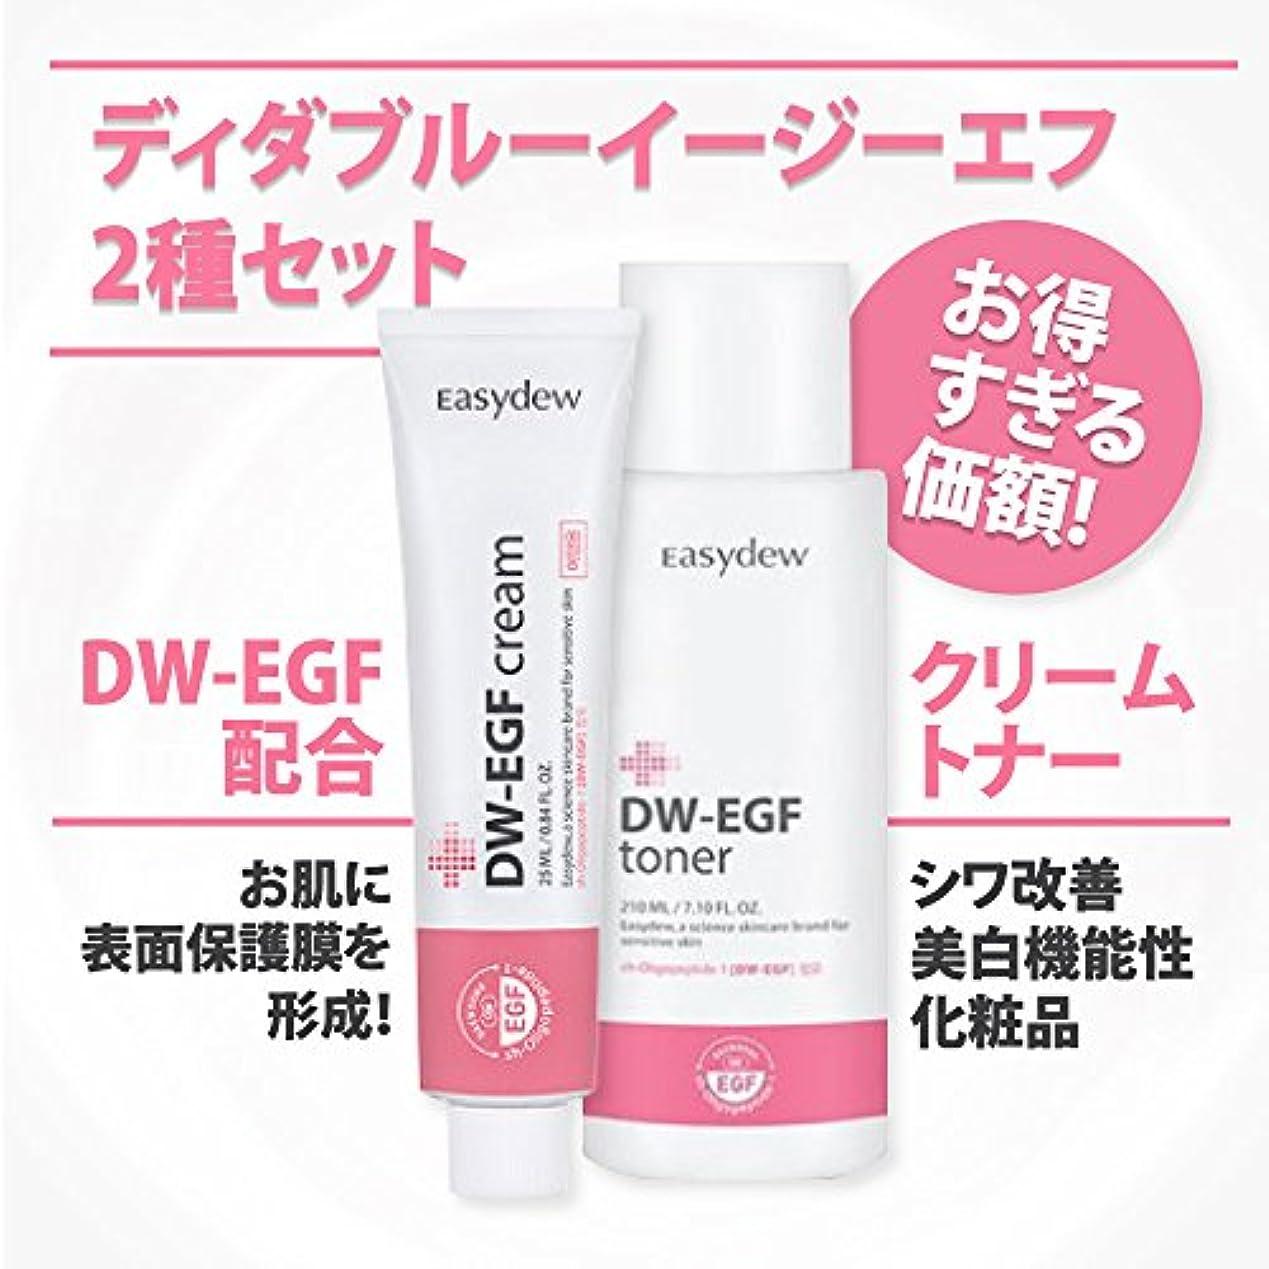 メロドラマ富メーターEasydew DW-EGF 化粧水 210ml クリーム 50ml セット Easydew DW-EGF Toner Cream Set 人気 スキンケア セット